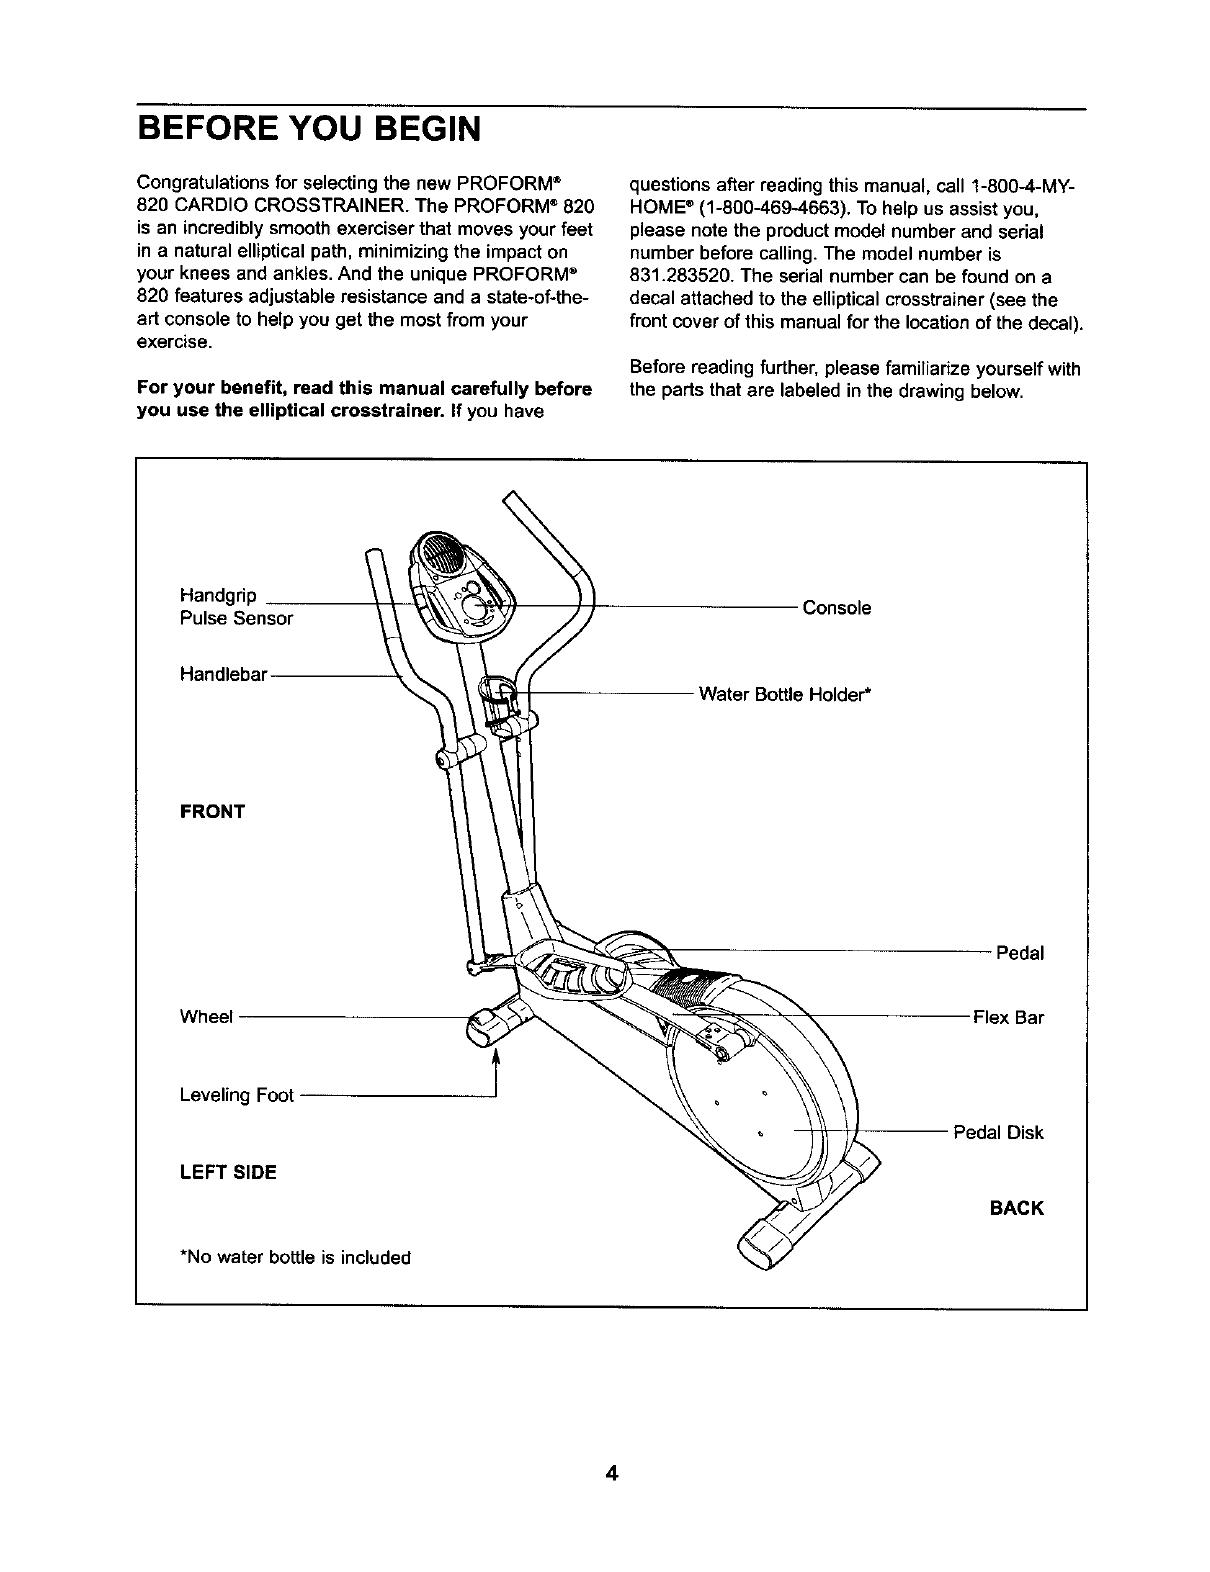 Proform 831283520 User Manual ELLIPTICAL Manuals And